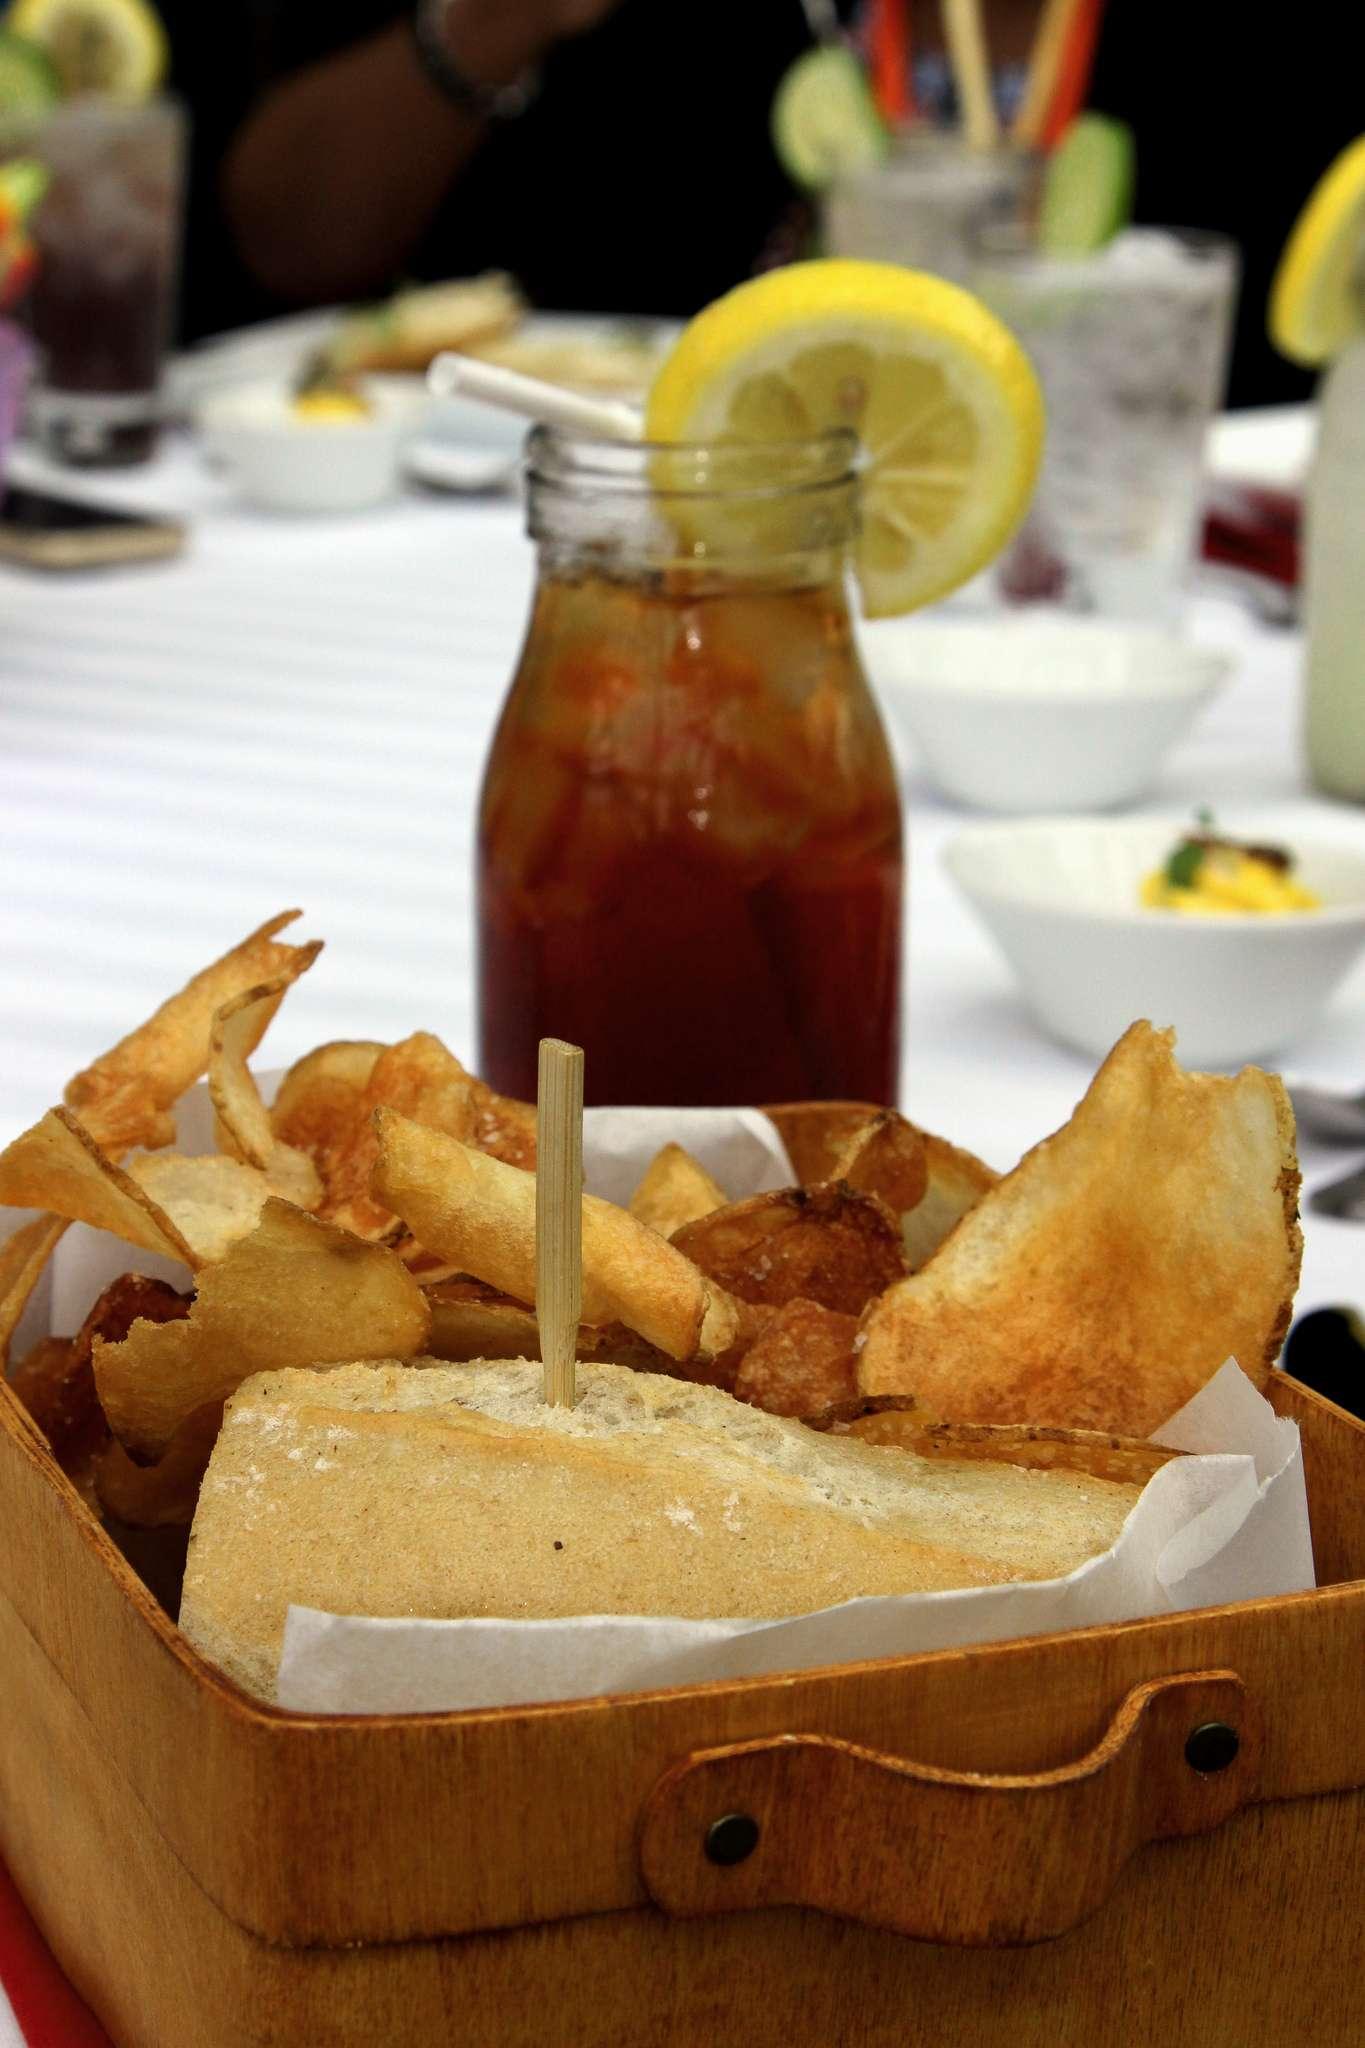 Tea and Food Pairings